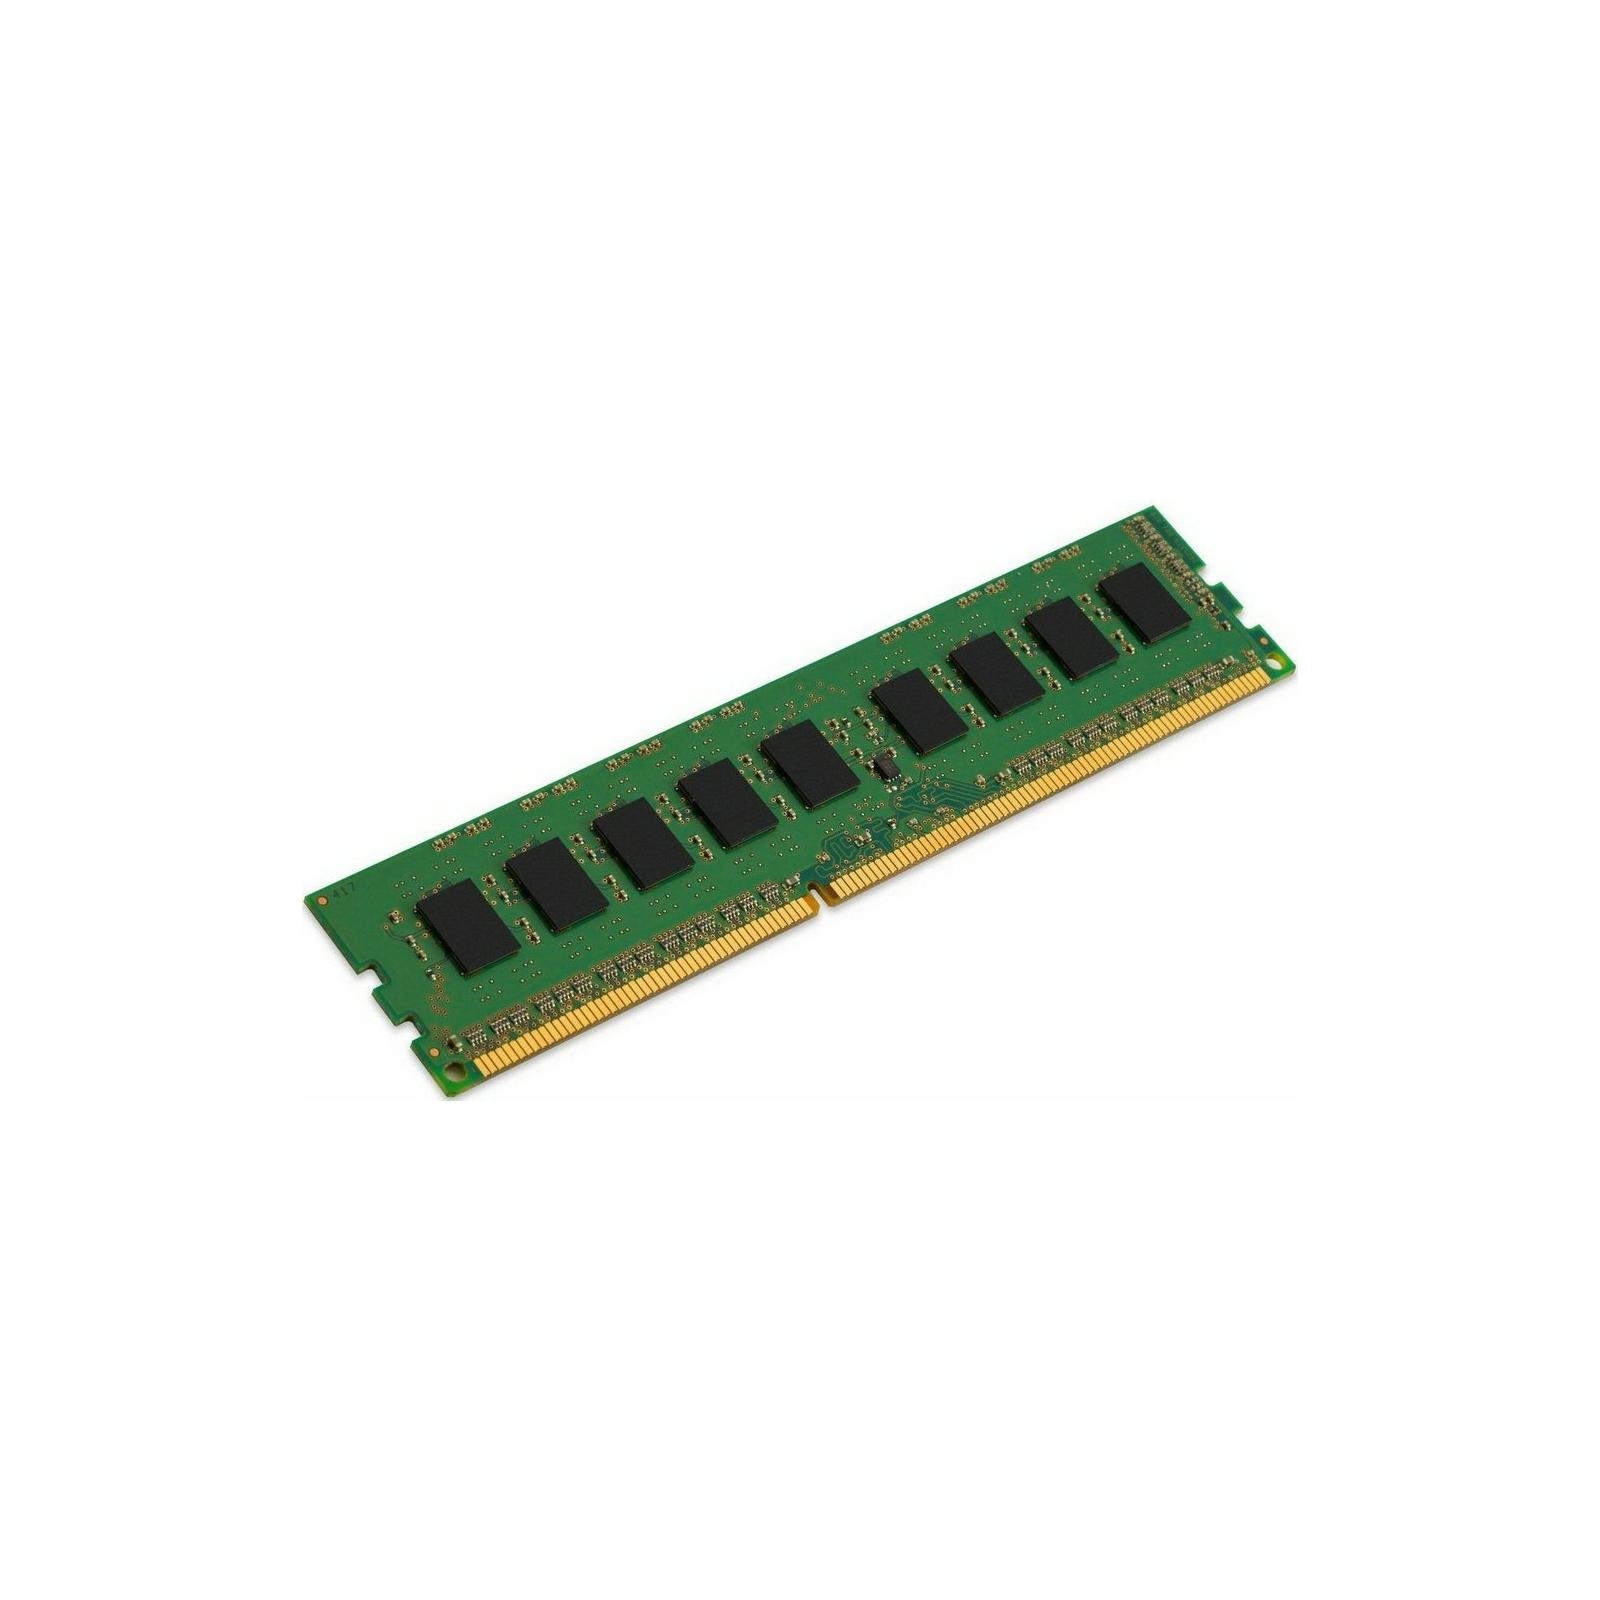 Модуль памяти для компьютера DDR3 8GB 1600 MHz Kingston (KTH9600C/8G)